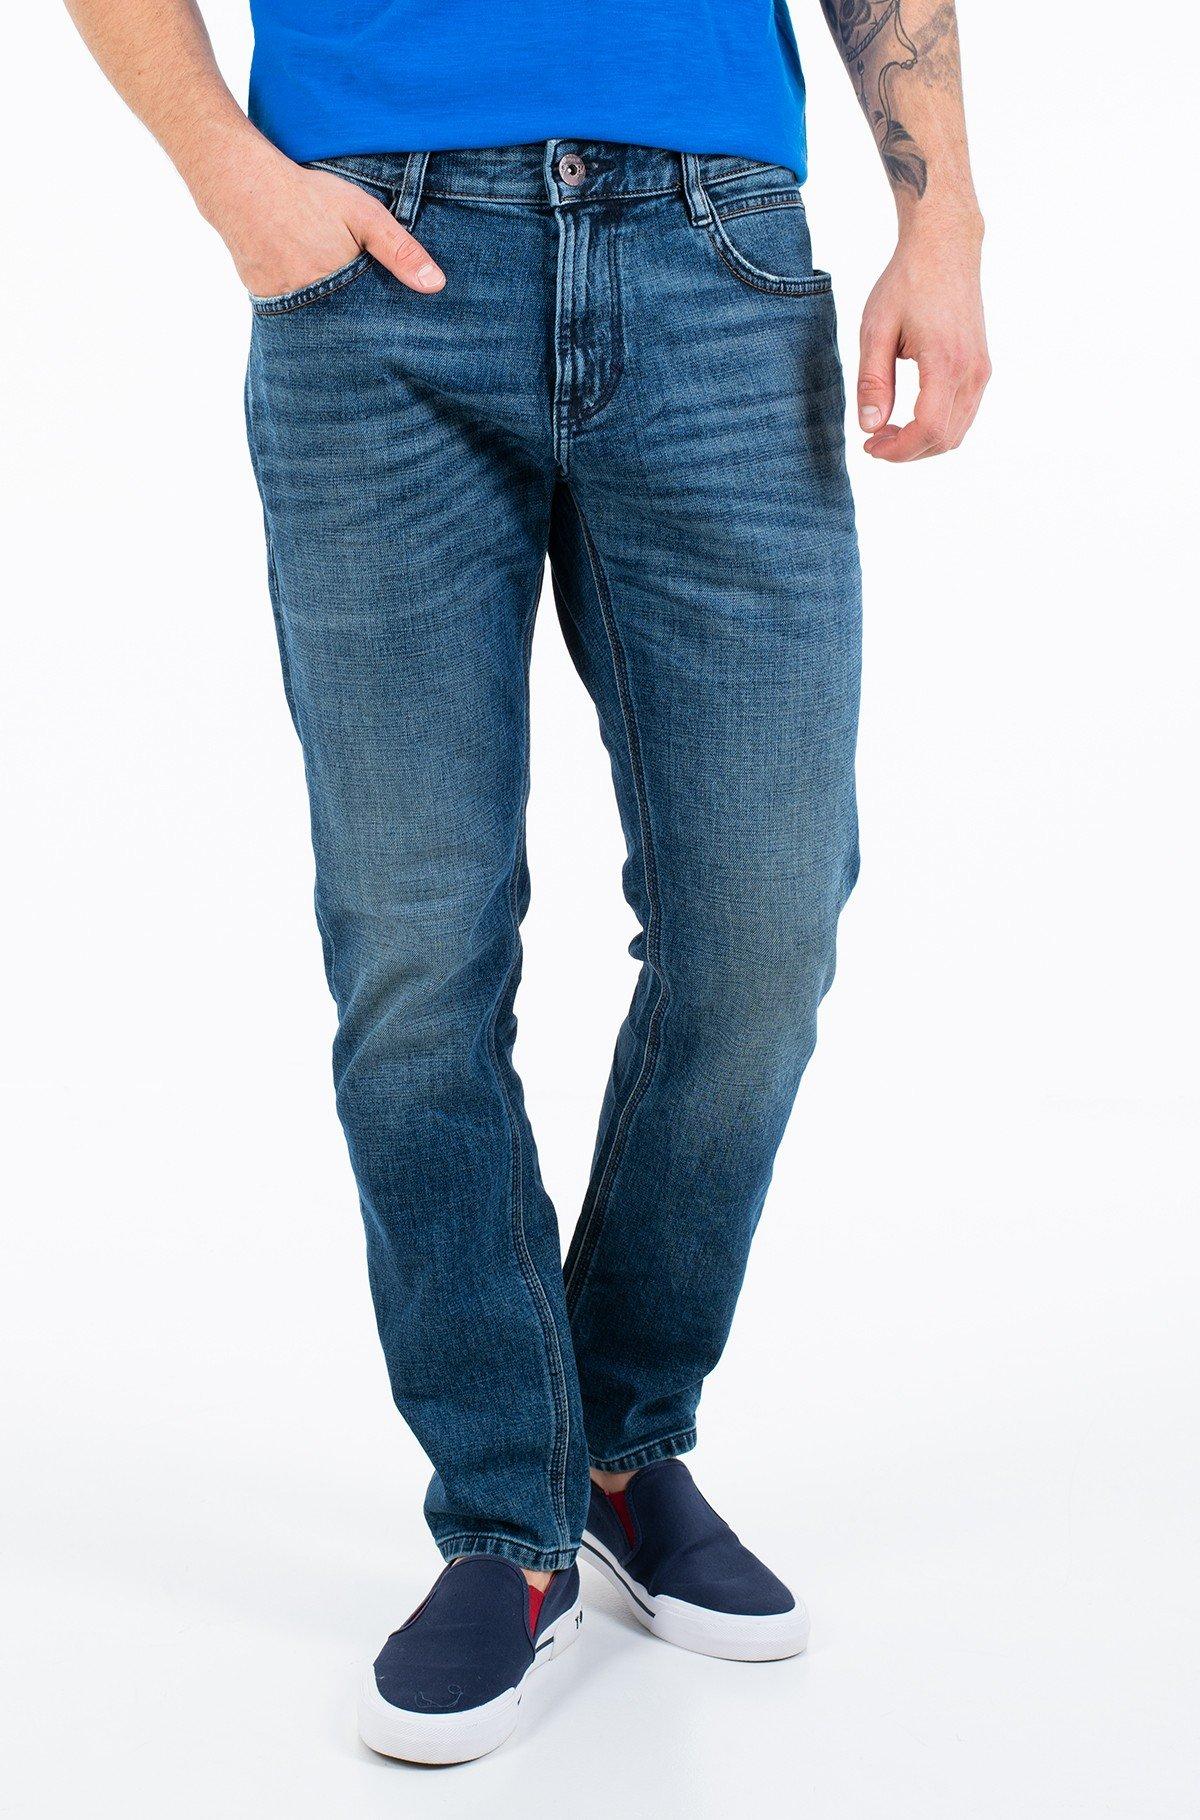 Jeans 1015983-full-1